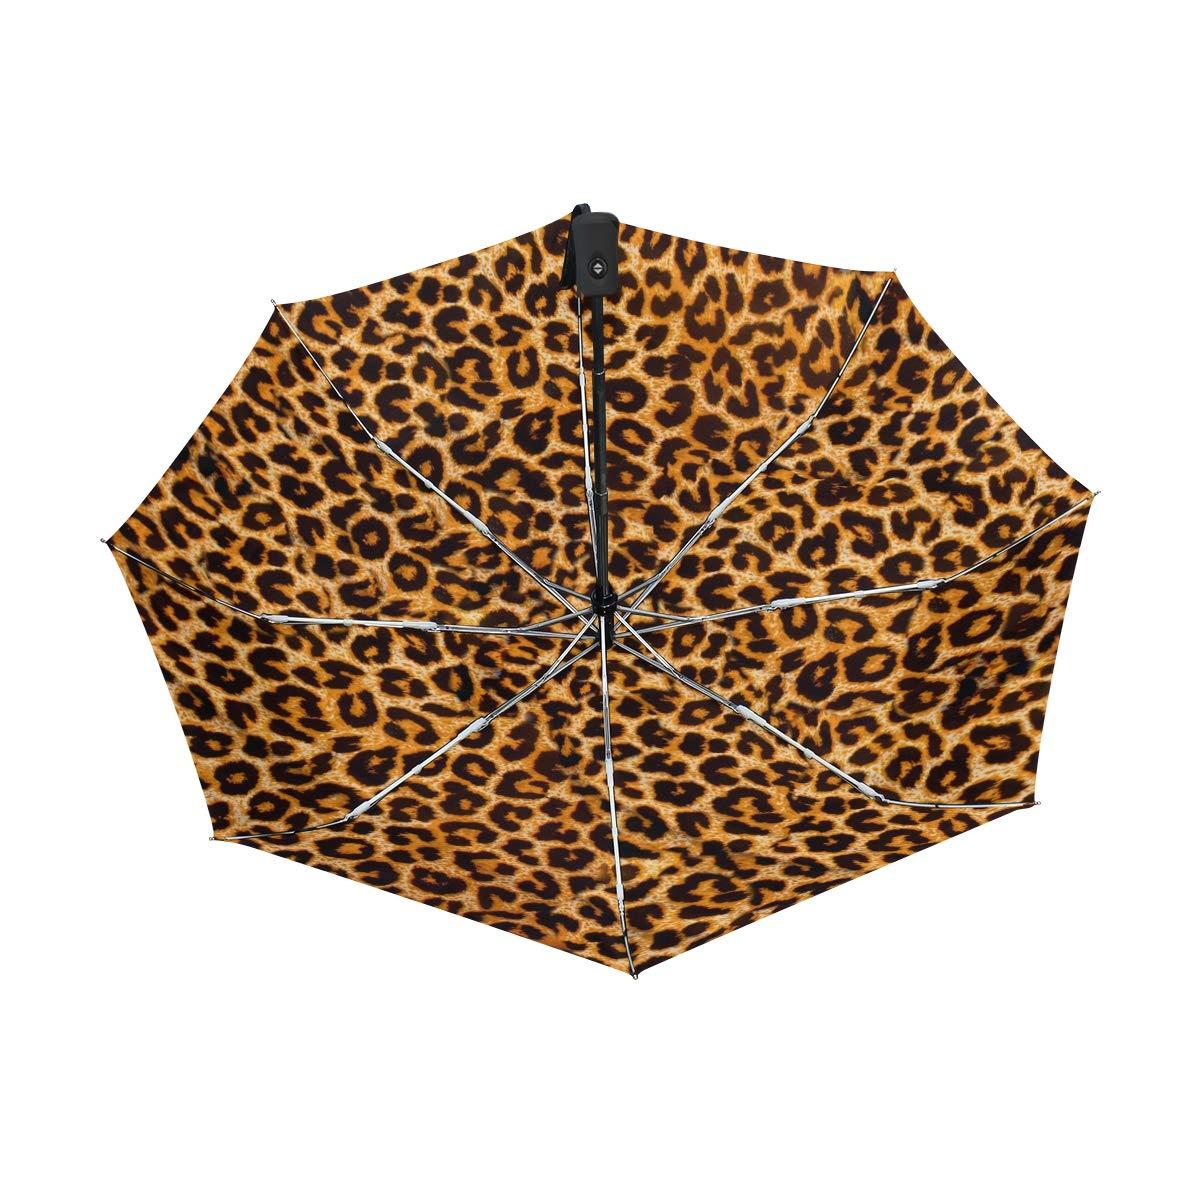 FAJRO- Paraguas de Viaje con patrón de Piel de Leopardo, Resistente al Viento, Paraguas automático para Lluvia al Aire Libre, para Mujeres/Hombres, ...